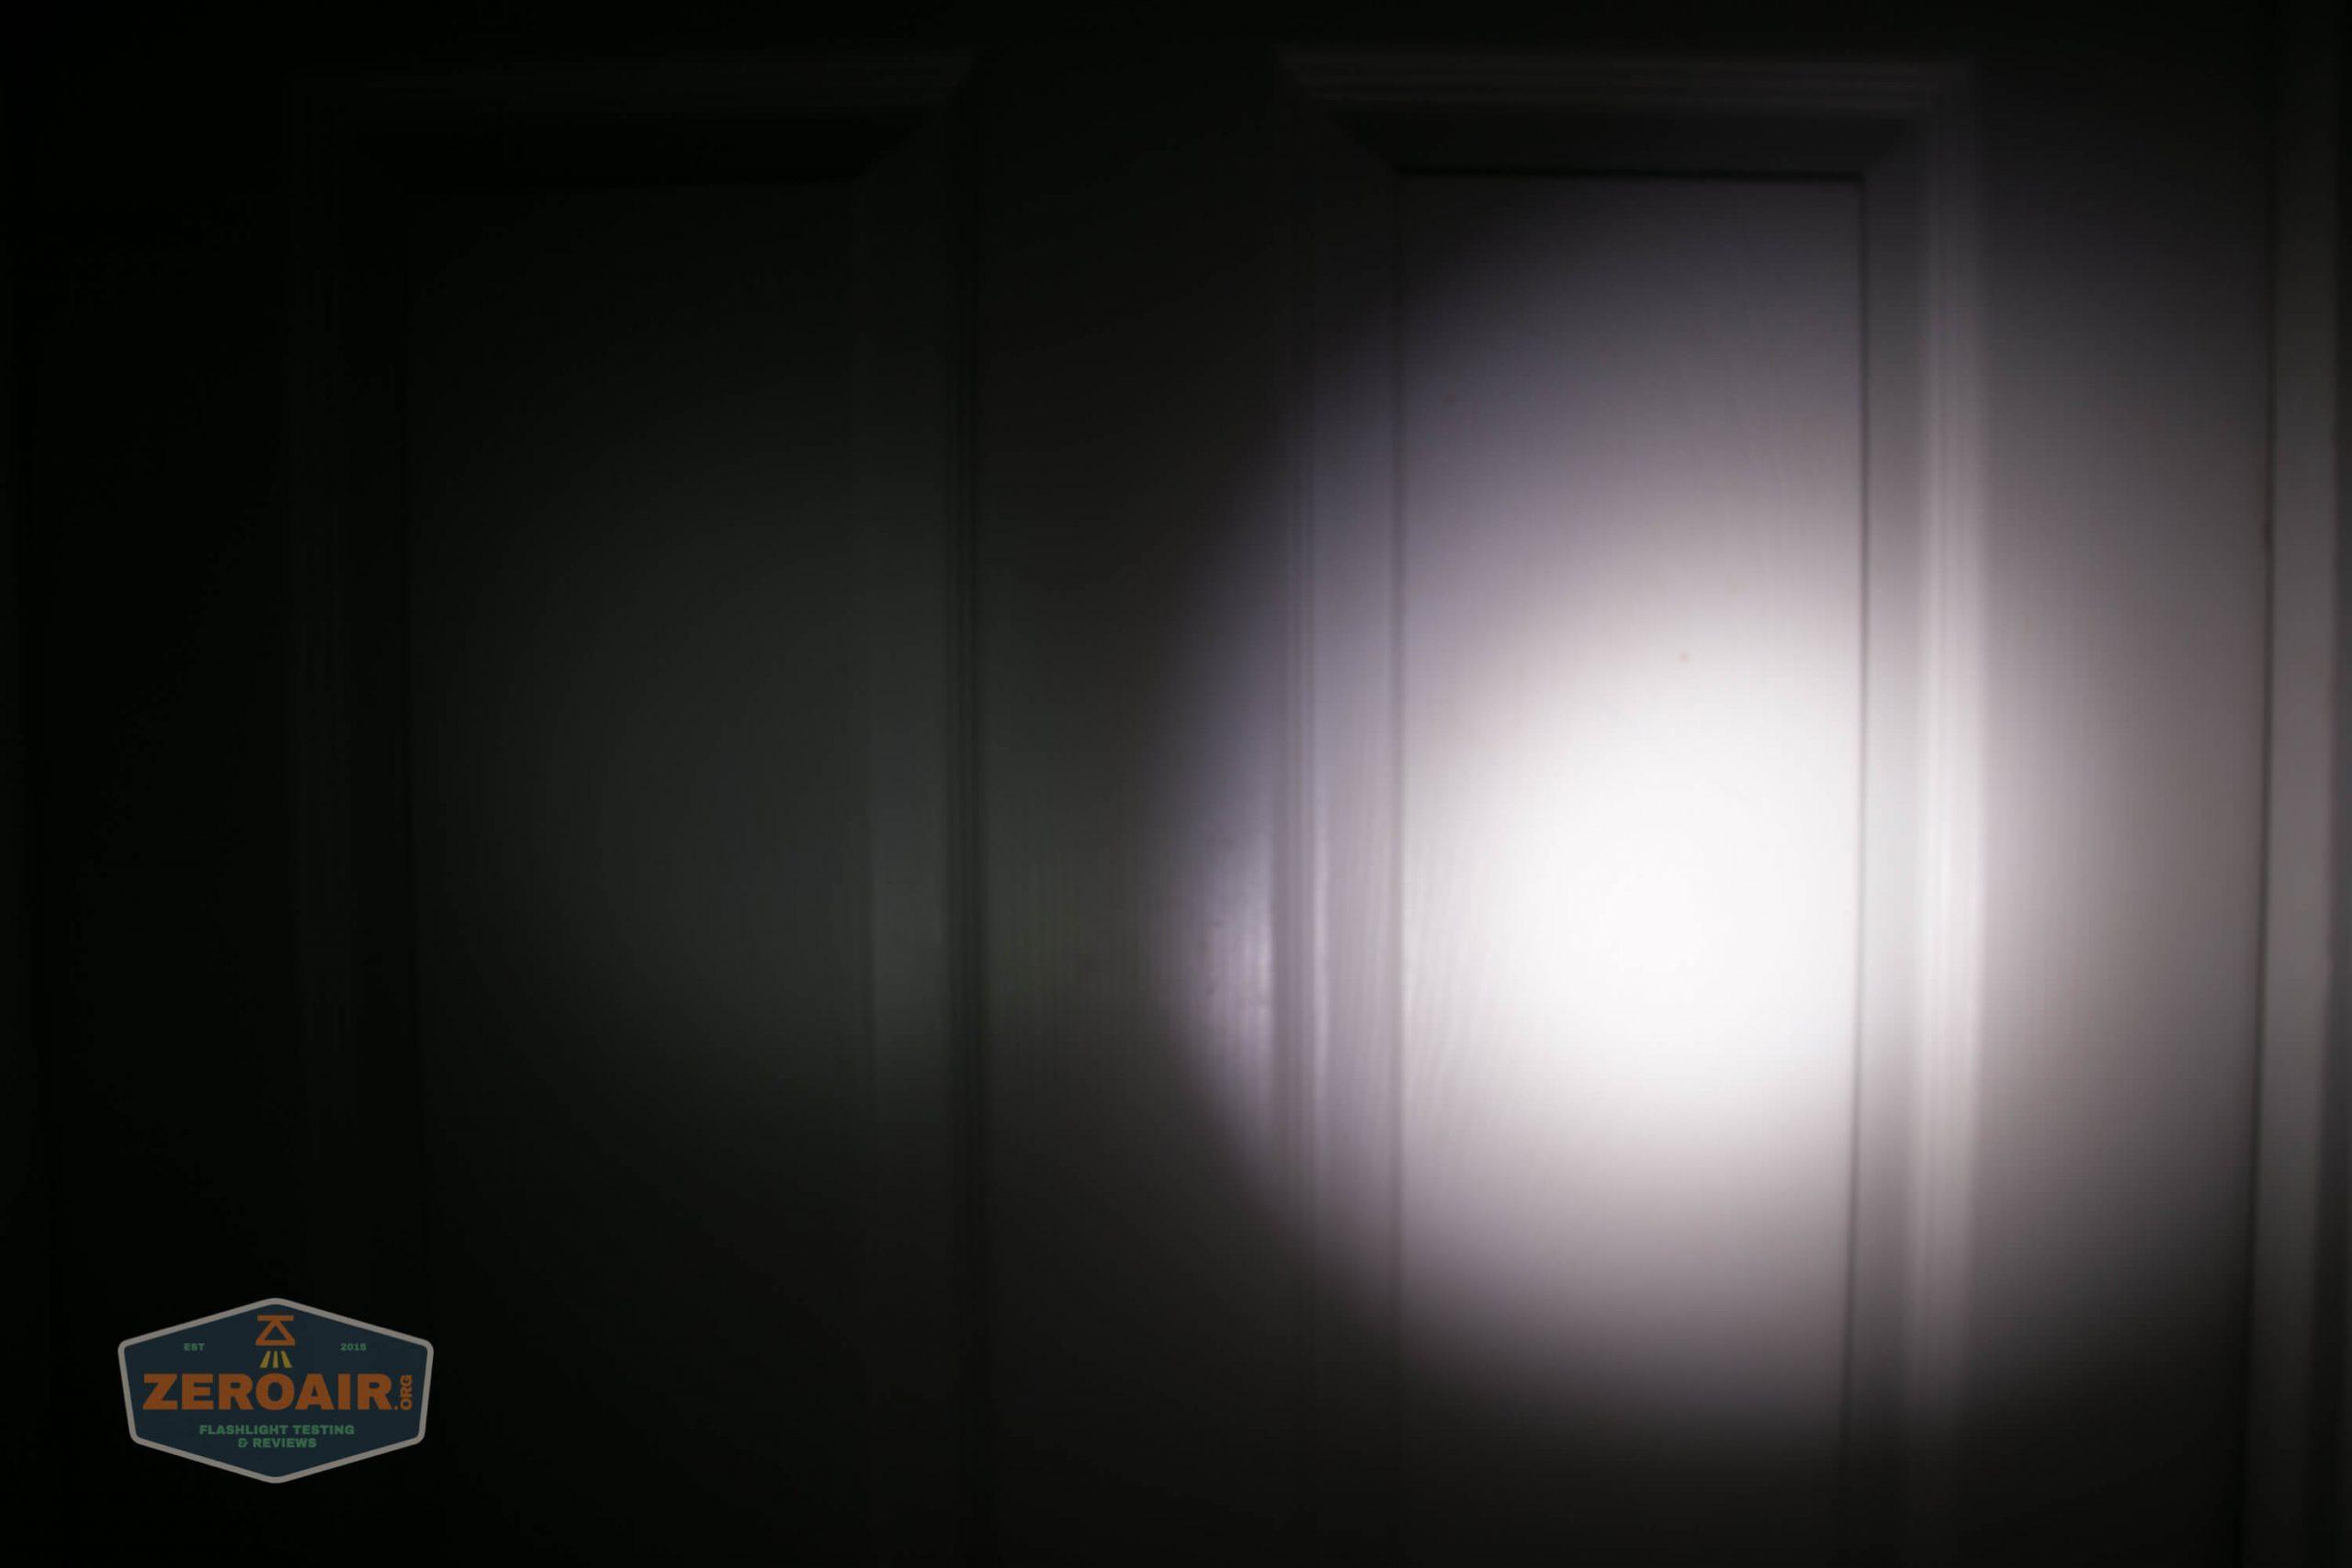 klarus g25 21700 cree xhp70.2 flashlight beamshot door lowest